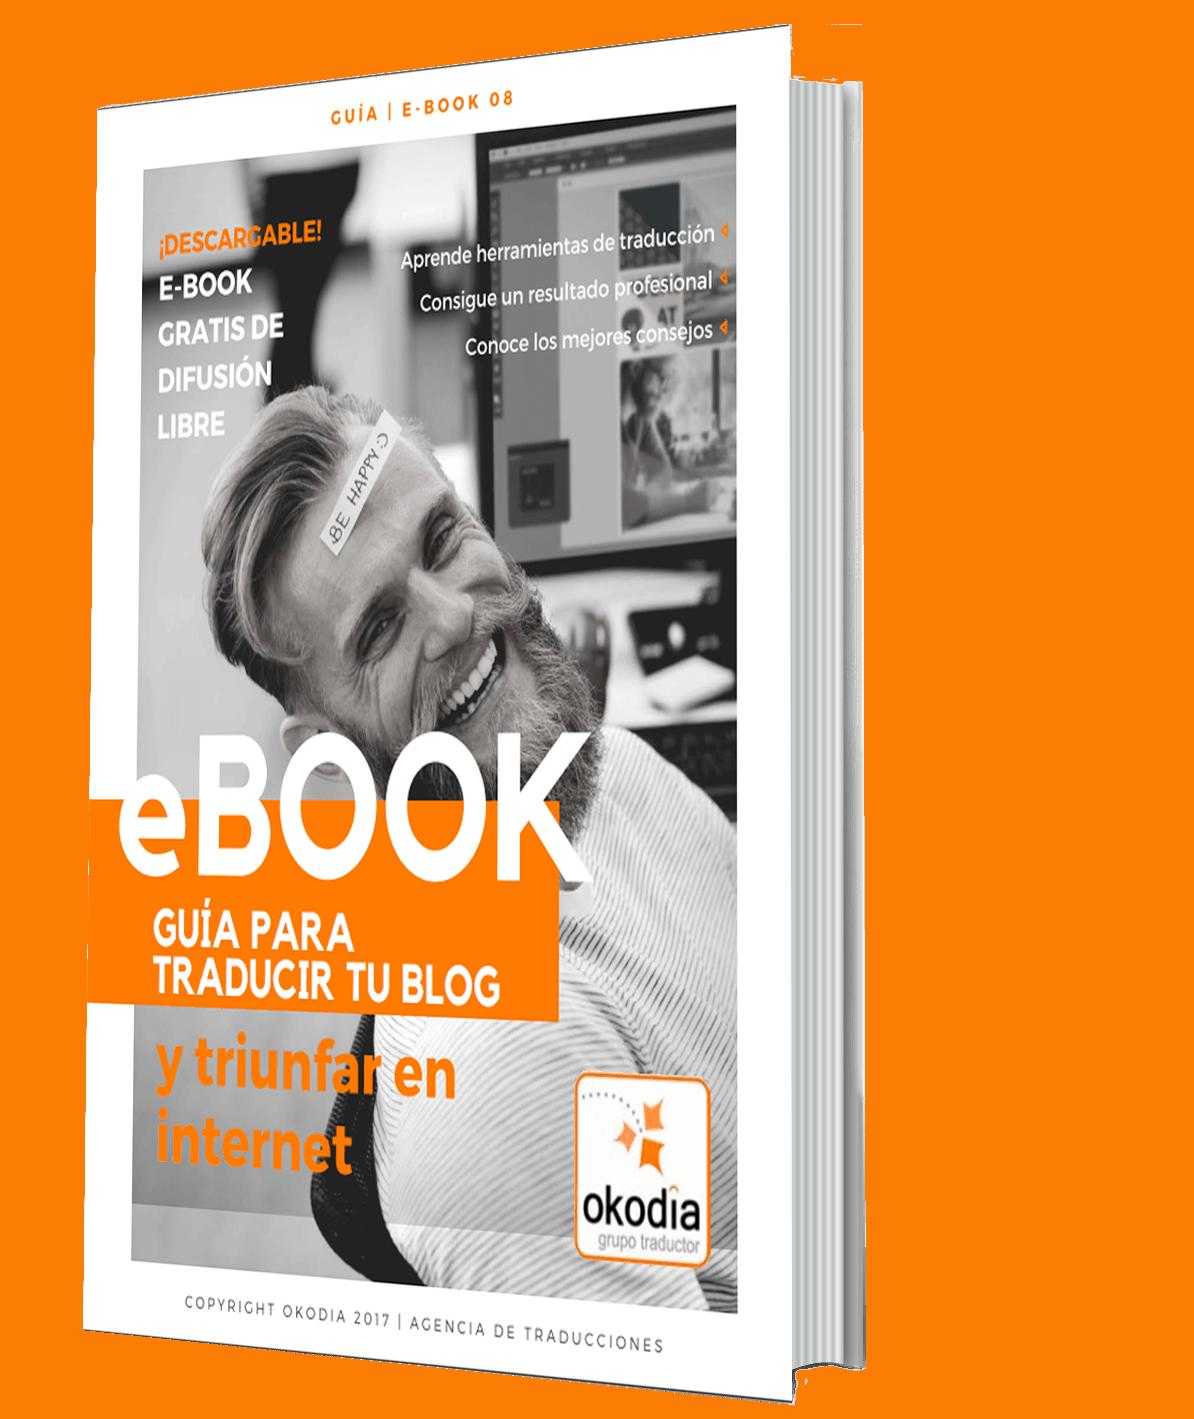 ebook8Final-trducir blog